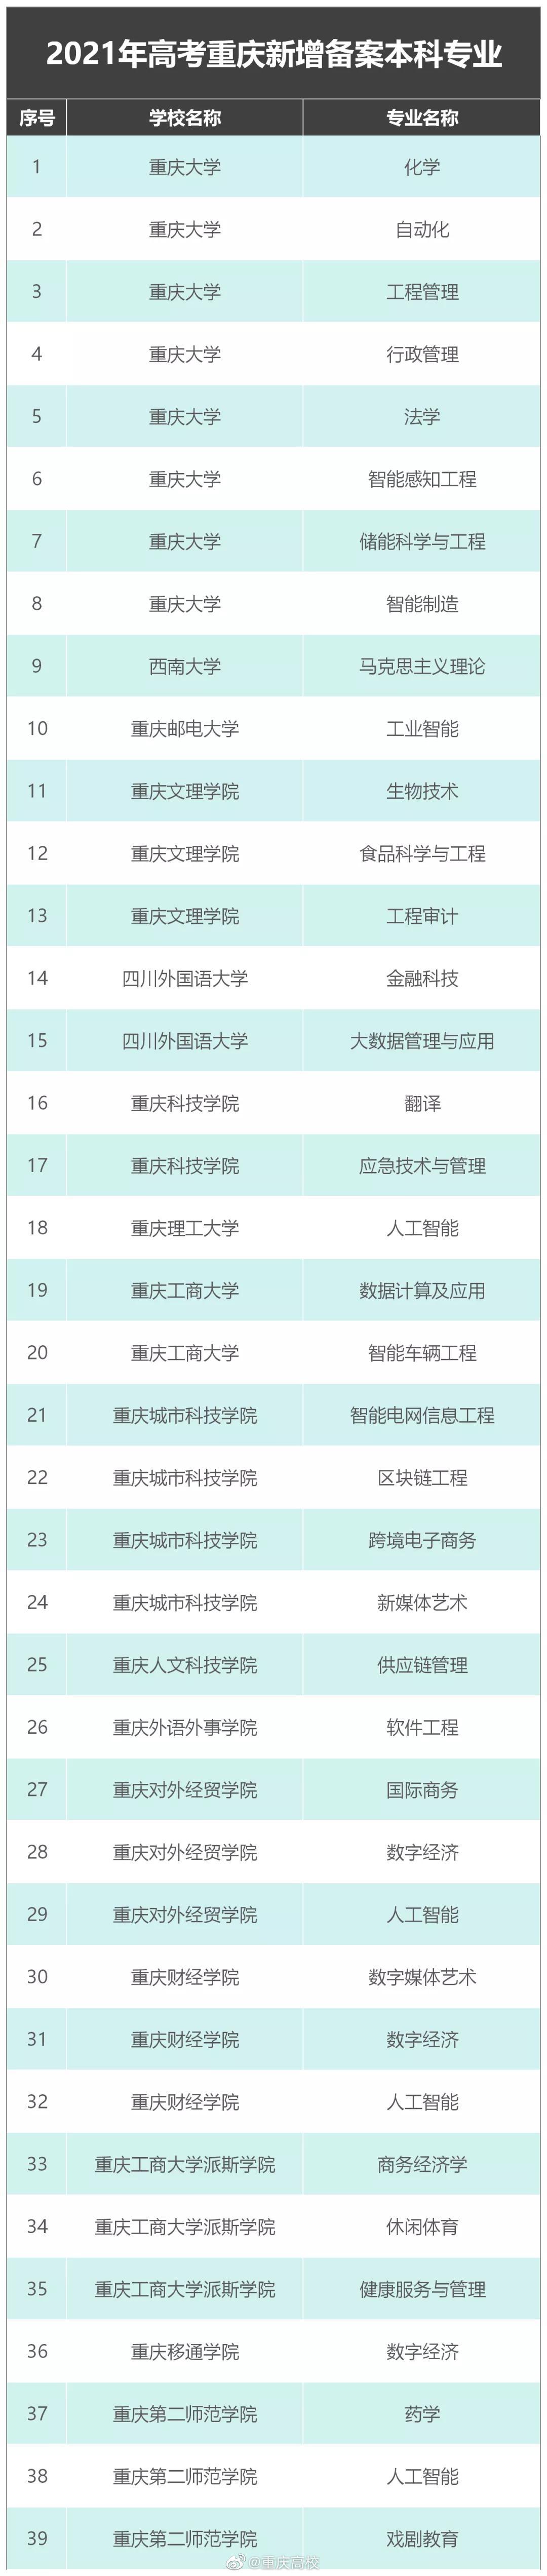 2021年高考重庆新增39个备案本科专业……